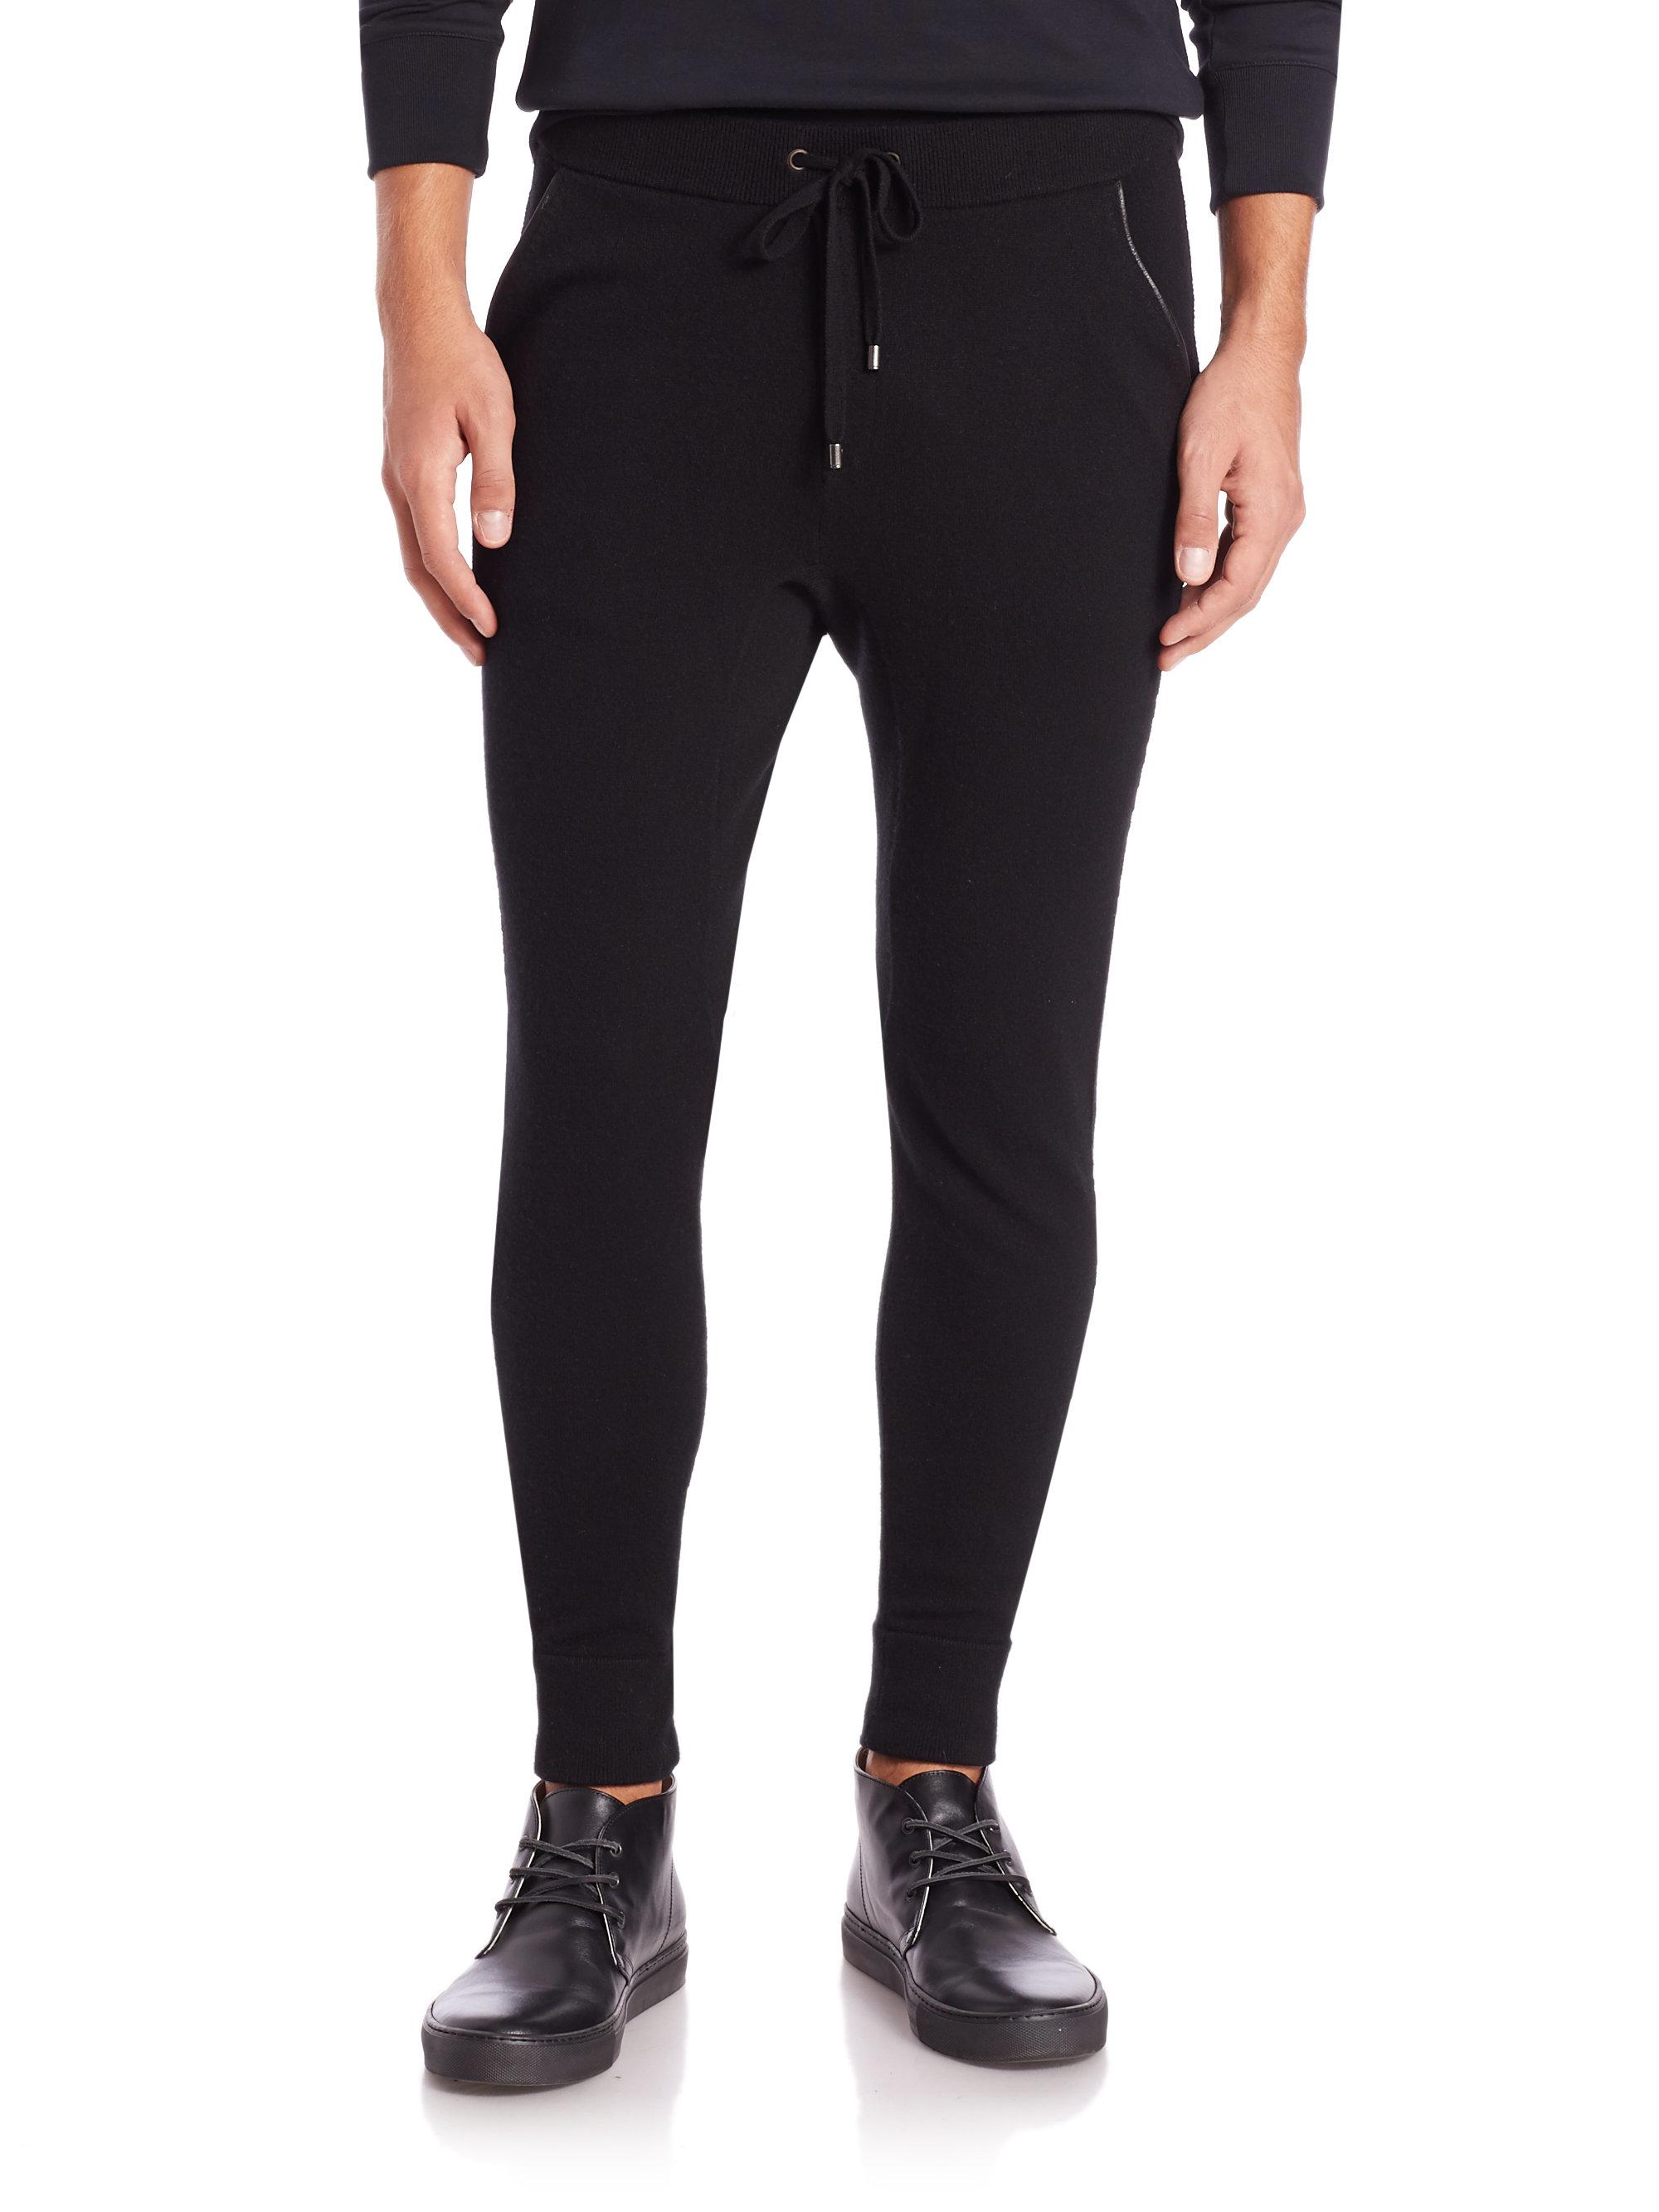 Adidas Side Zip Sweatshirt